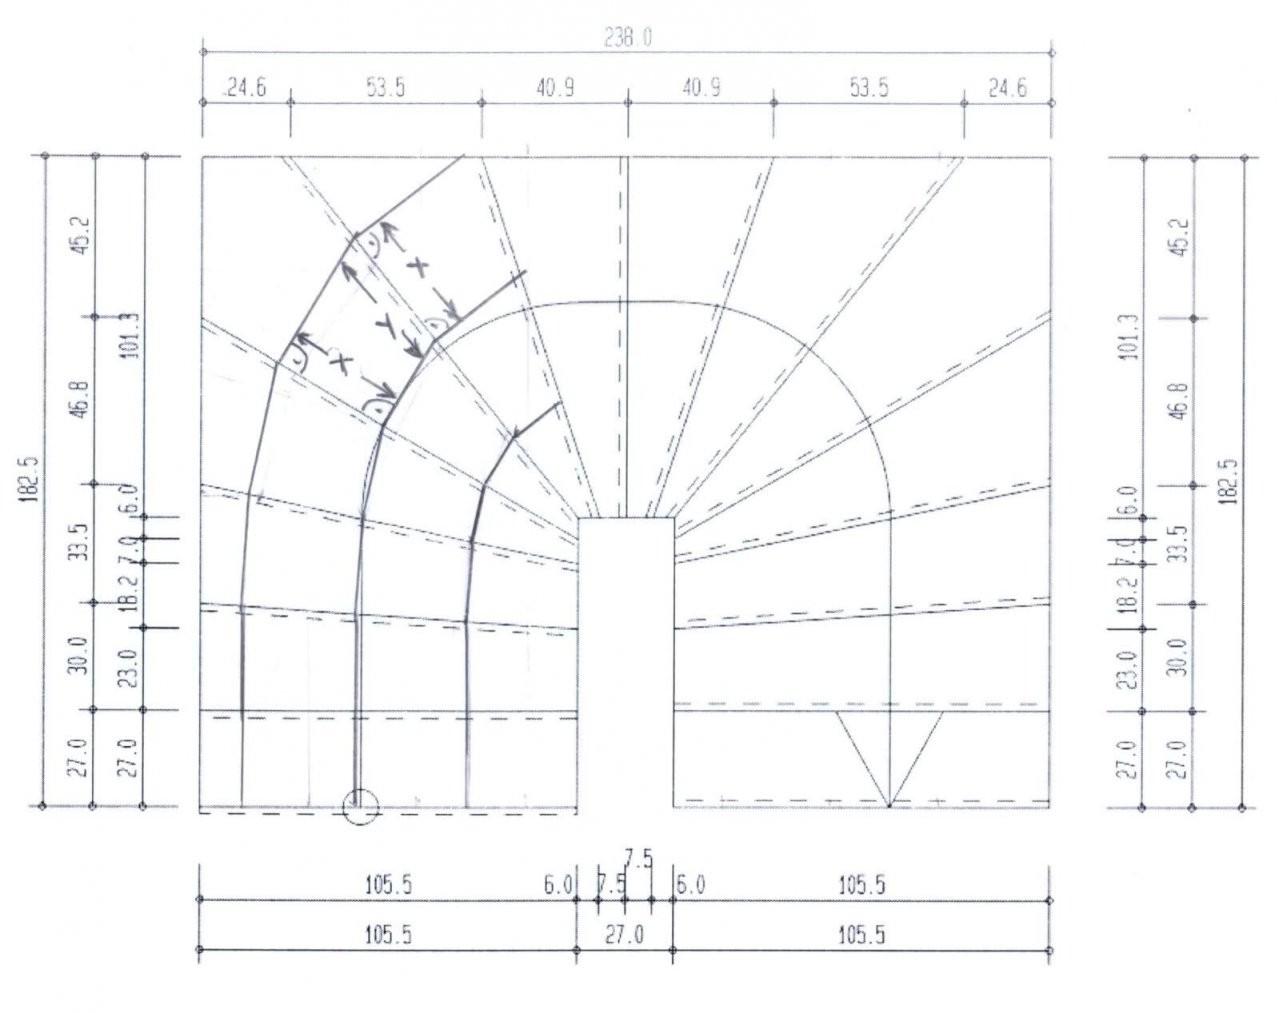 Fliesen Auf Gewendelter Stiege  Bauforum Auf Energiesparhausat von Gewendelte Treppe Fliesen Anleitung Bild